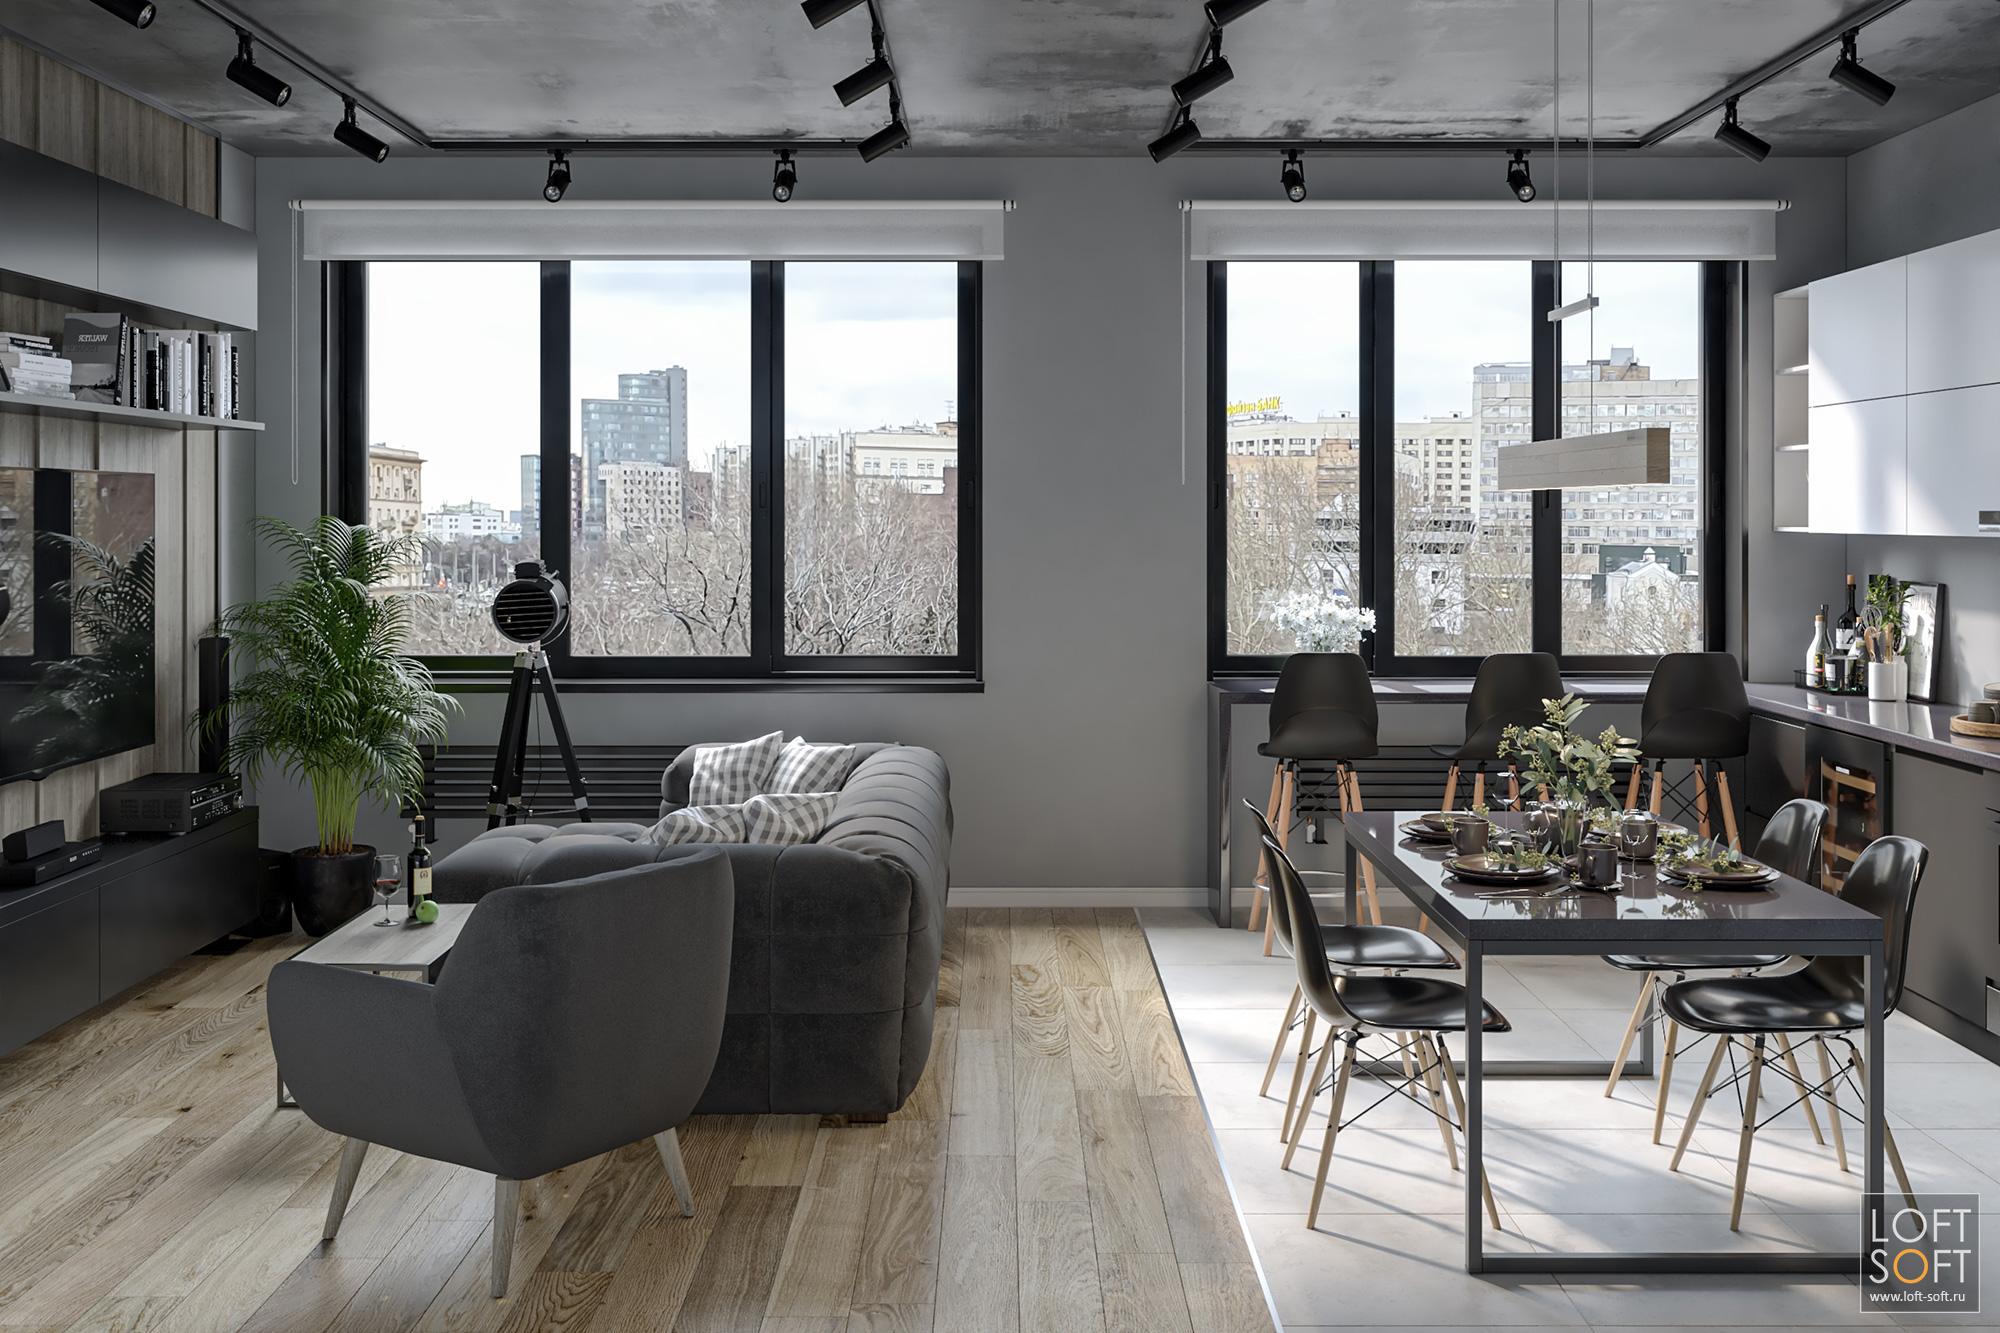 современный интерьер, серые цвета винтерьере, черная мебель